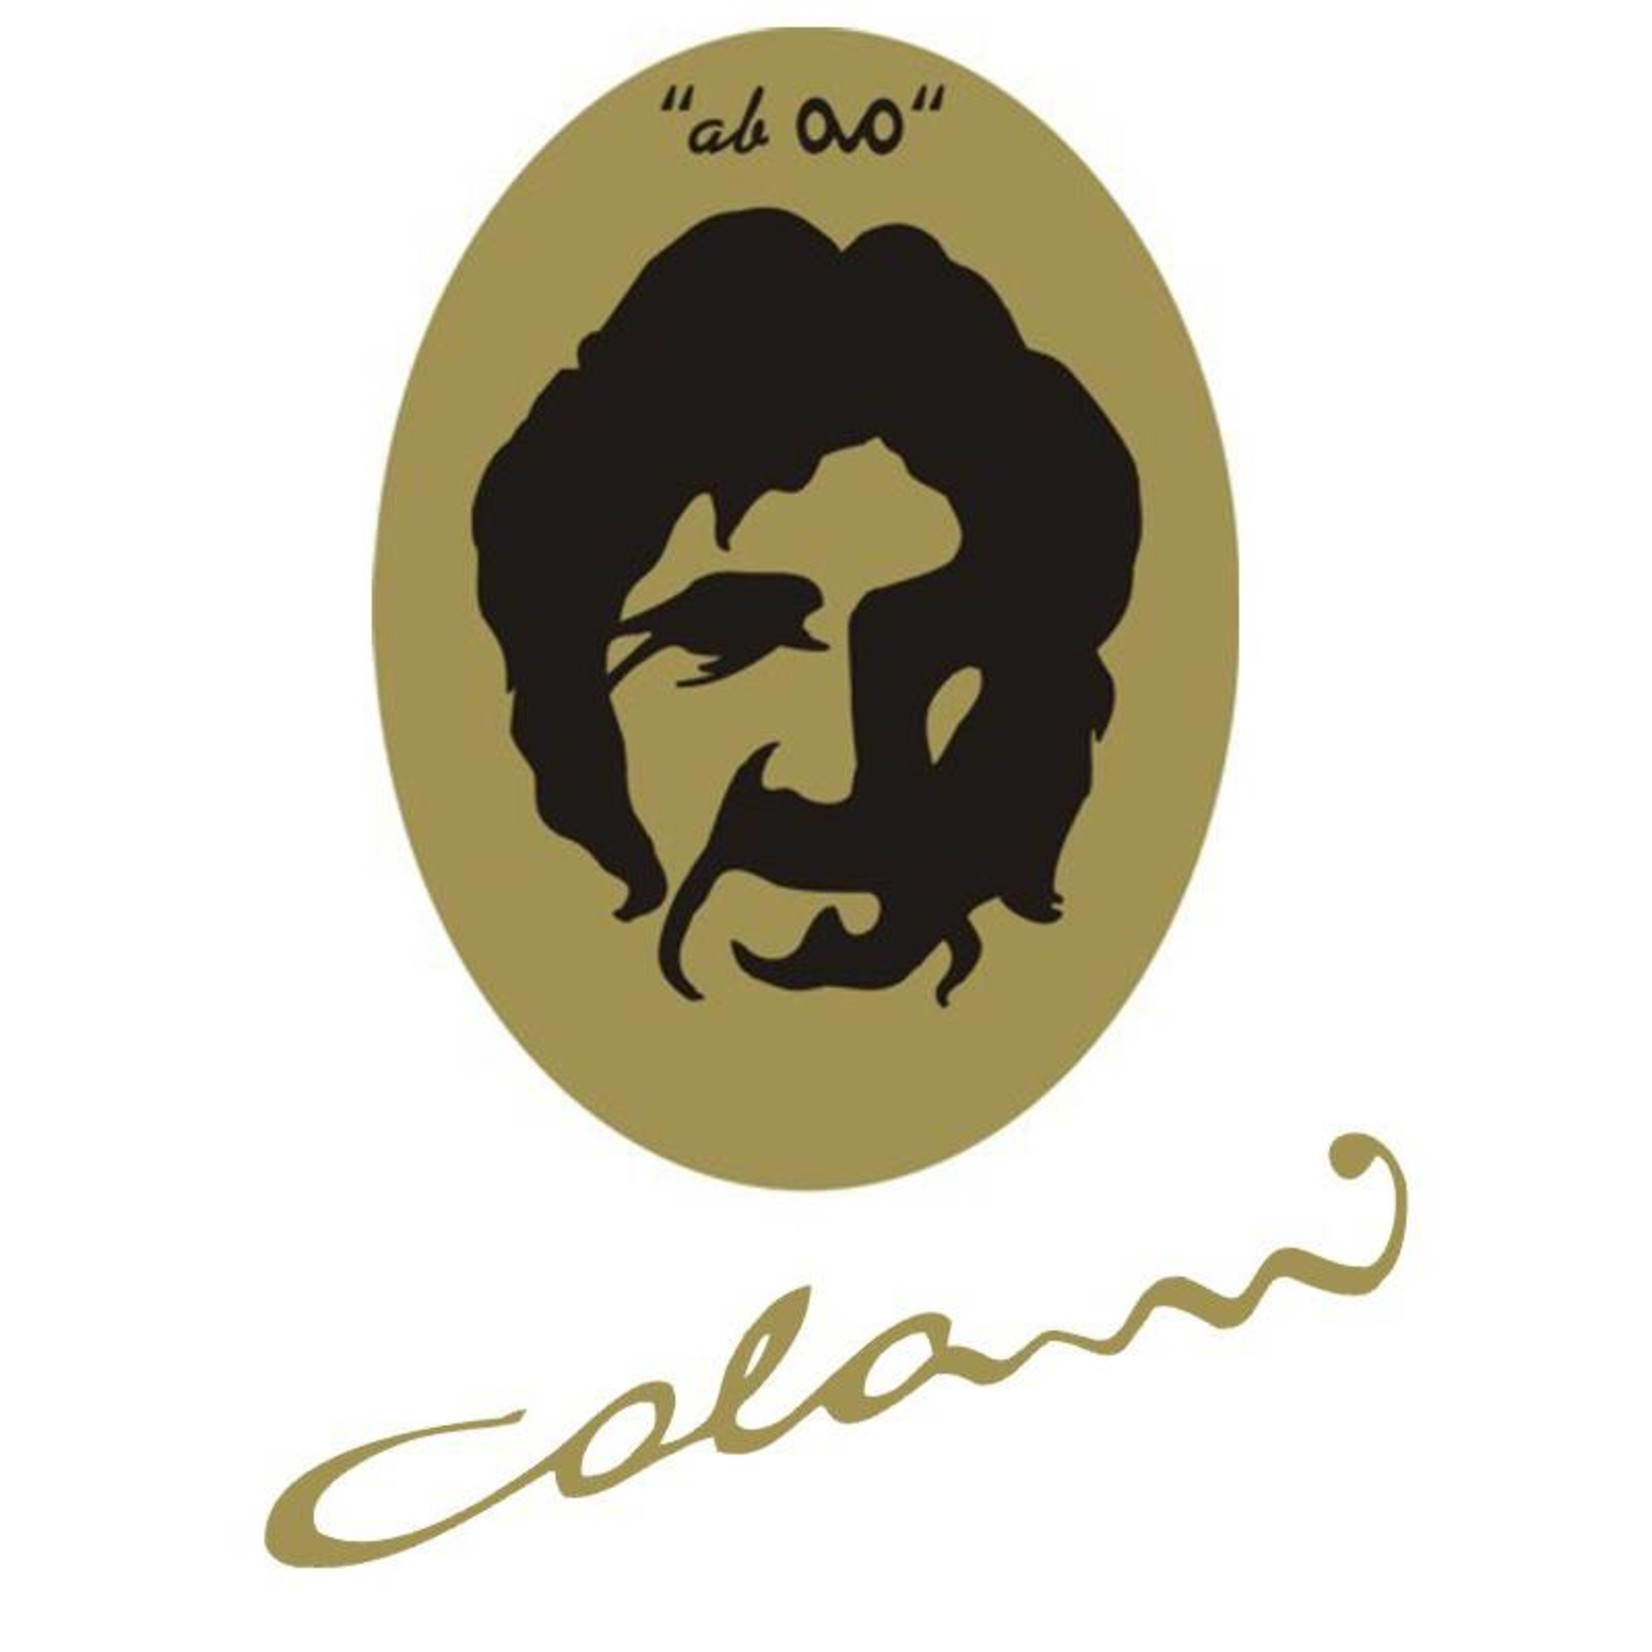 Colani Porzellanserie Colani Dessertteller/ Frühstücksteller in Weiß